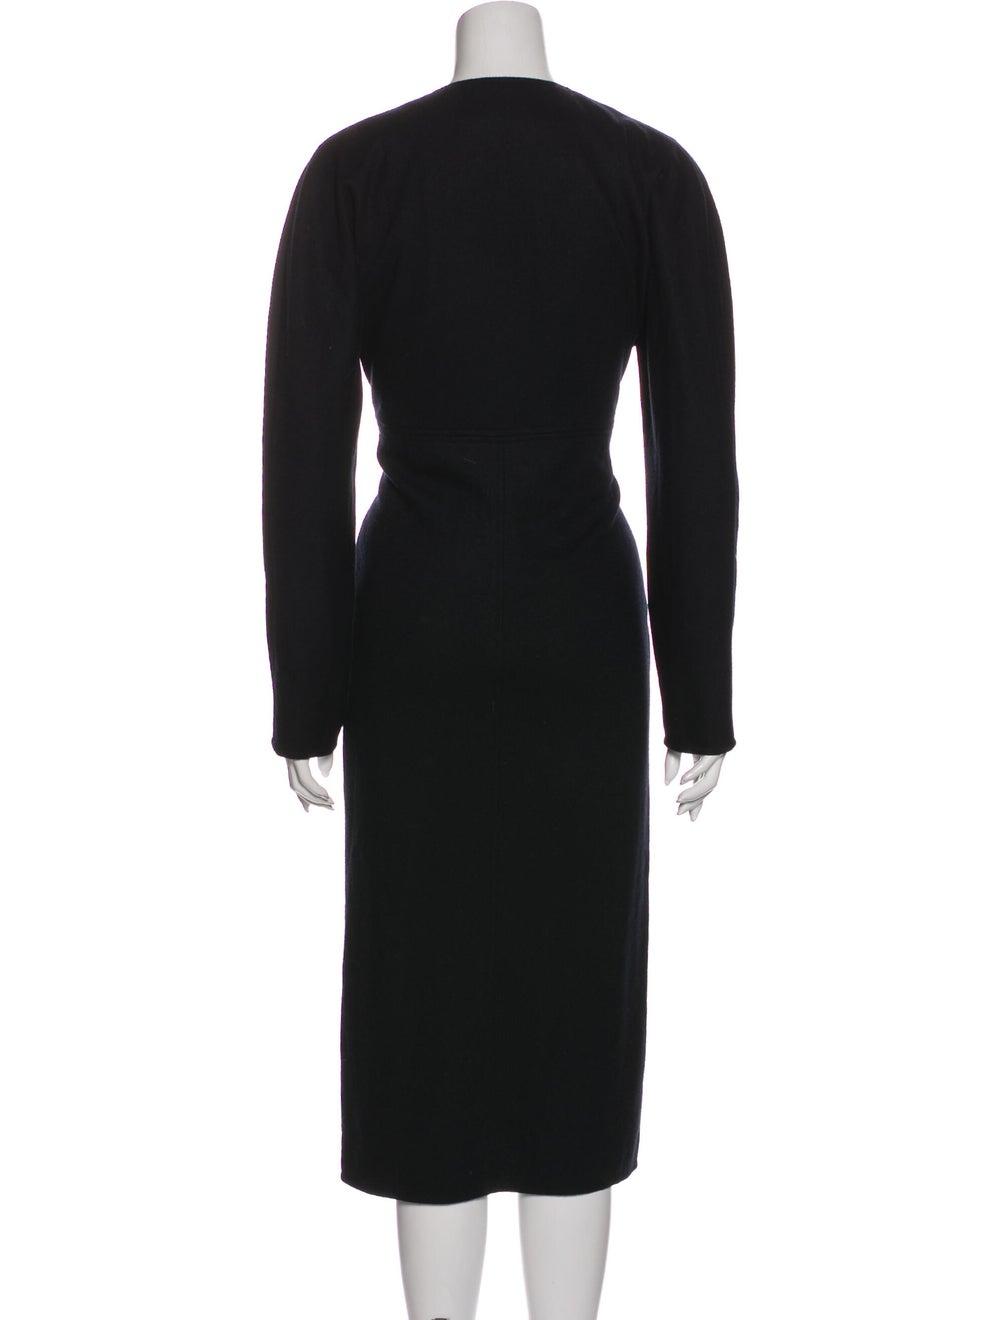 Oscar de la Renta Vintage Midi Length Dress Black - image 3